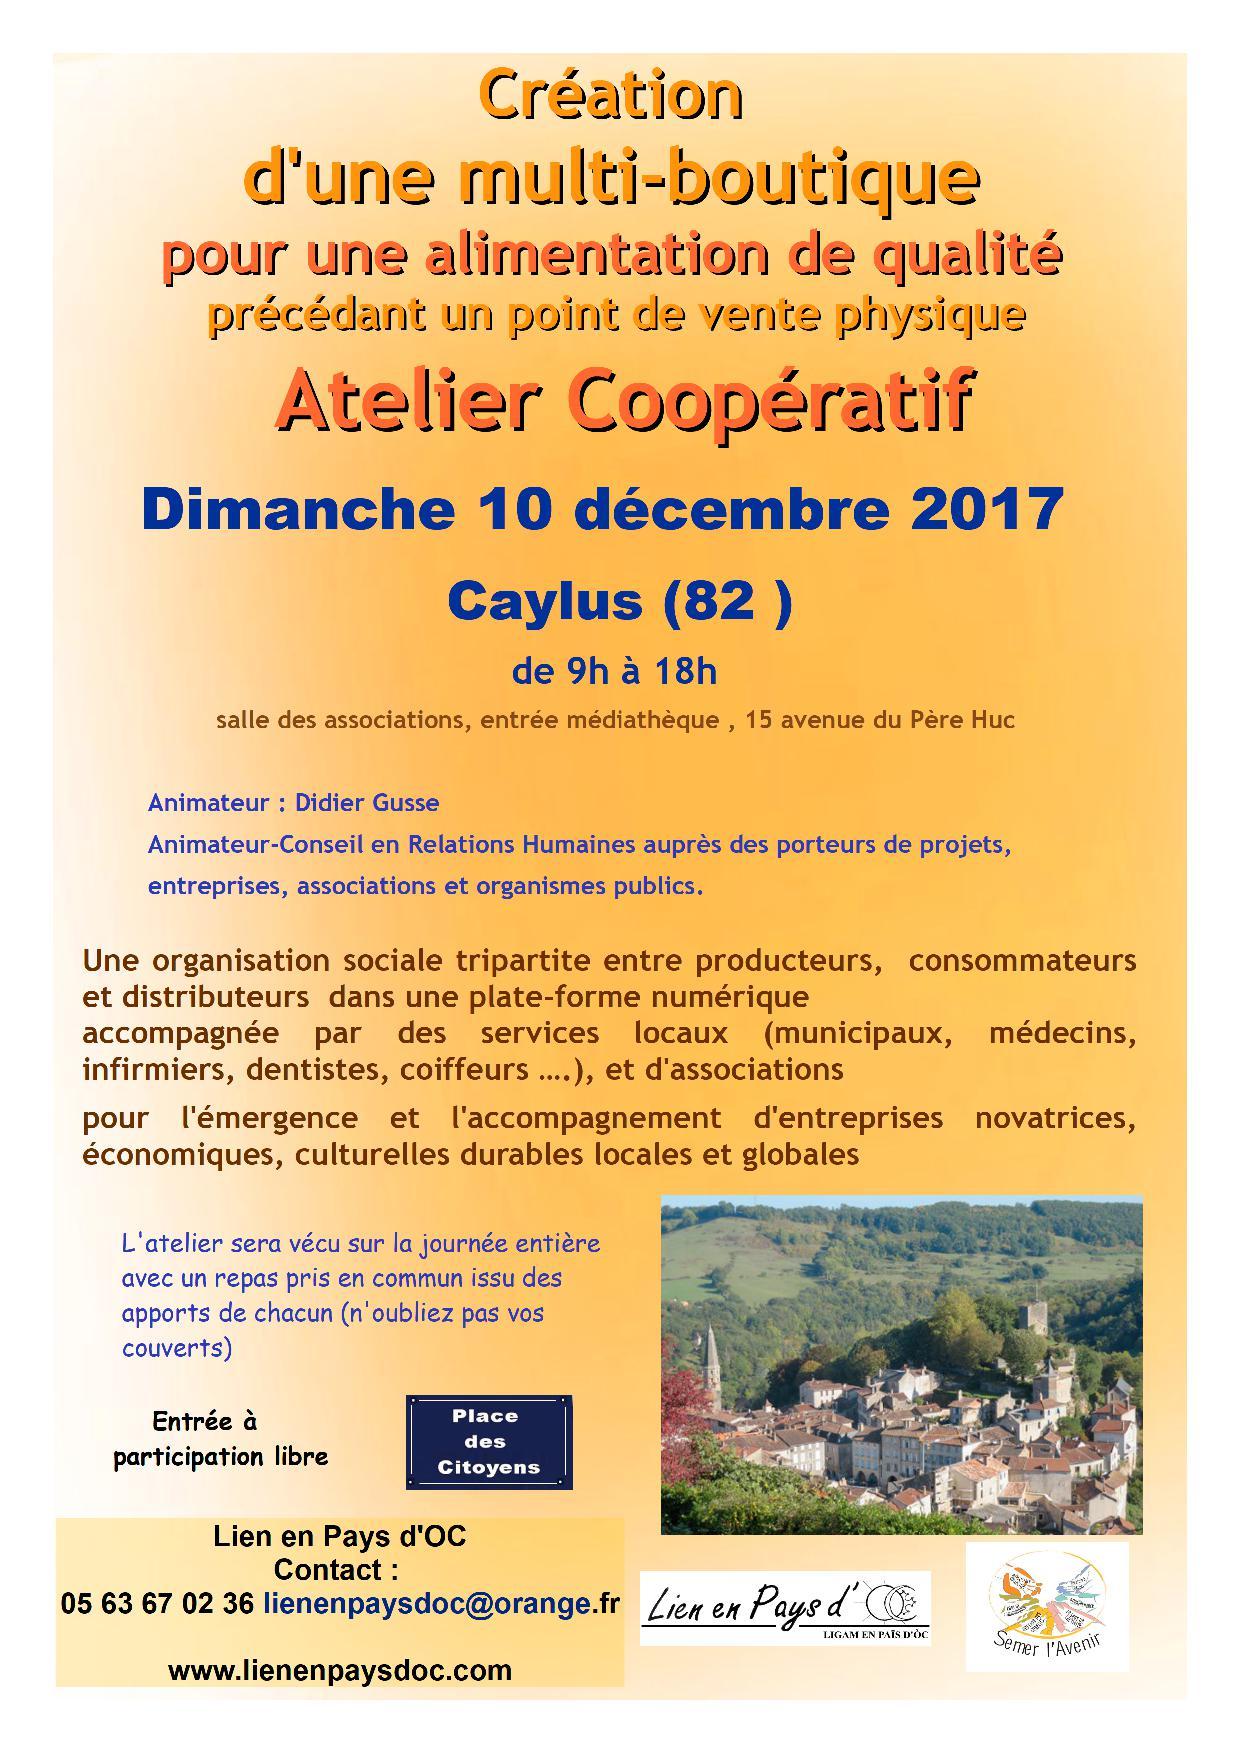 Programme de l'atelier coopératif à Caylus 82 160 : le Dimanche 10 Décembre  2017